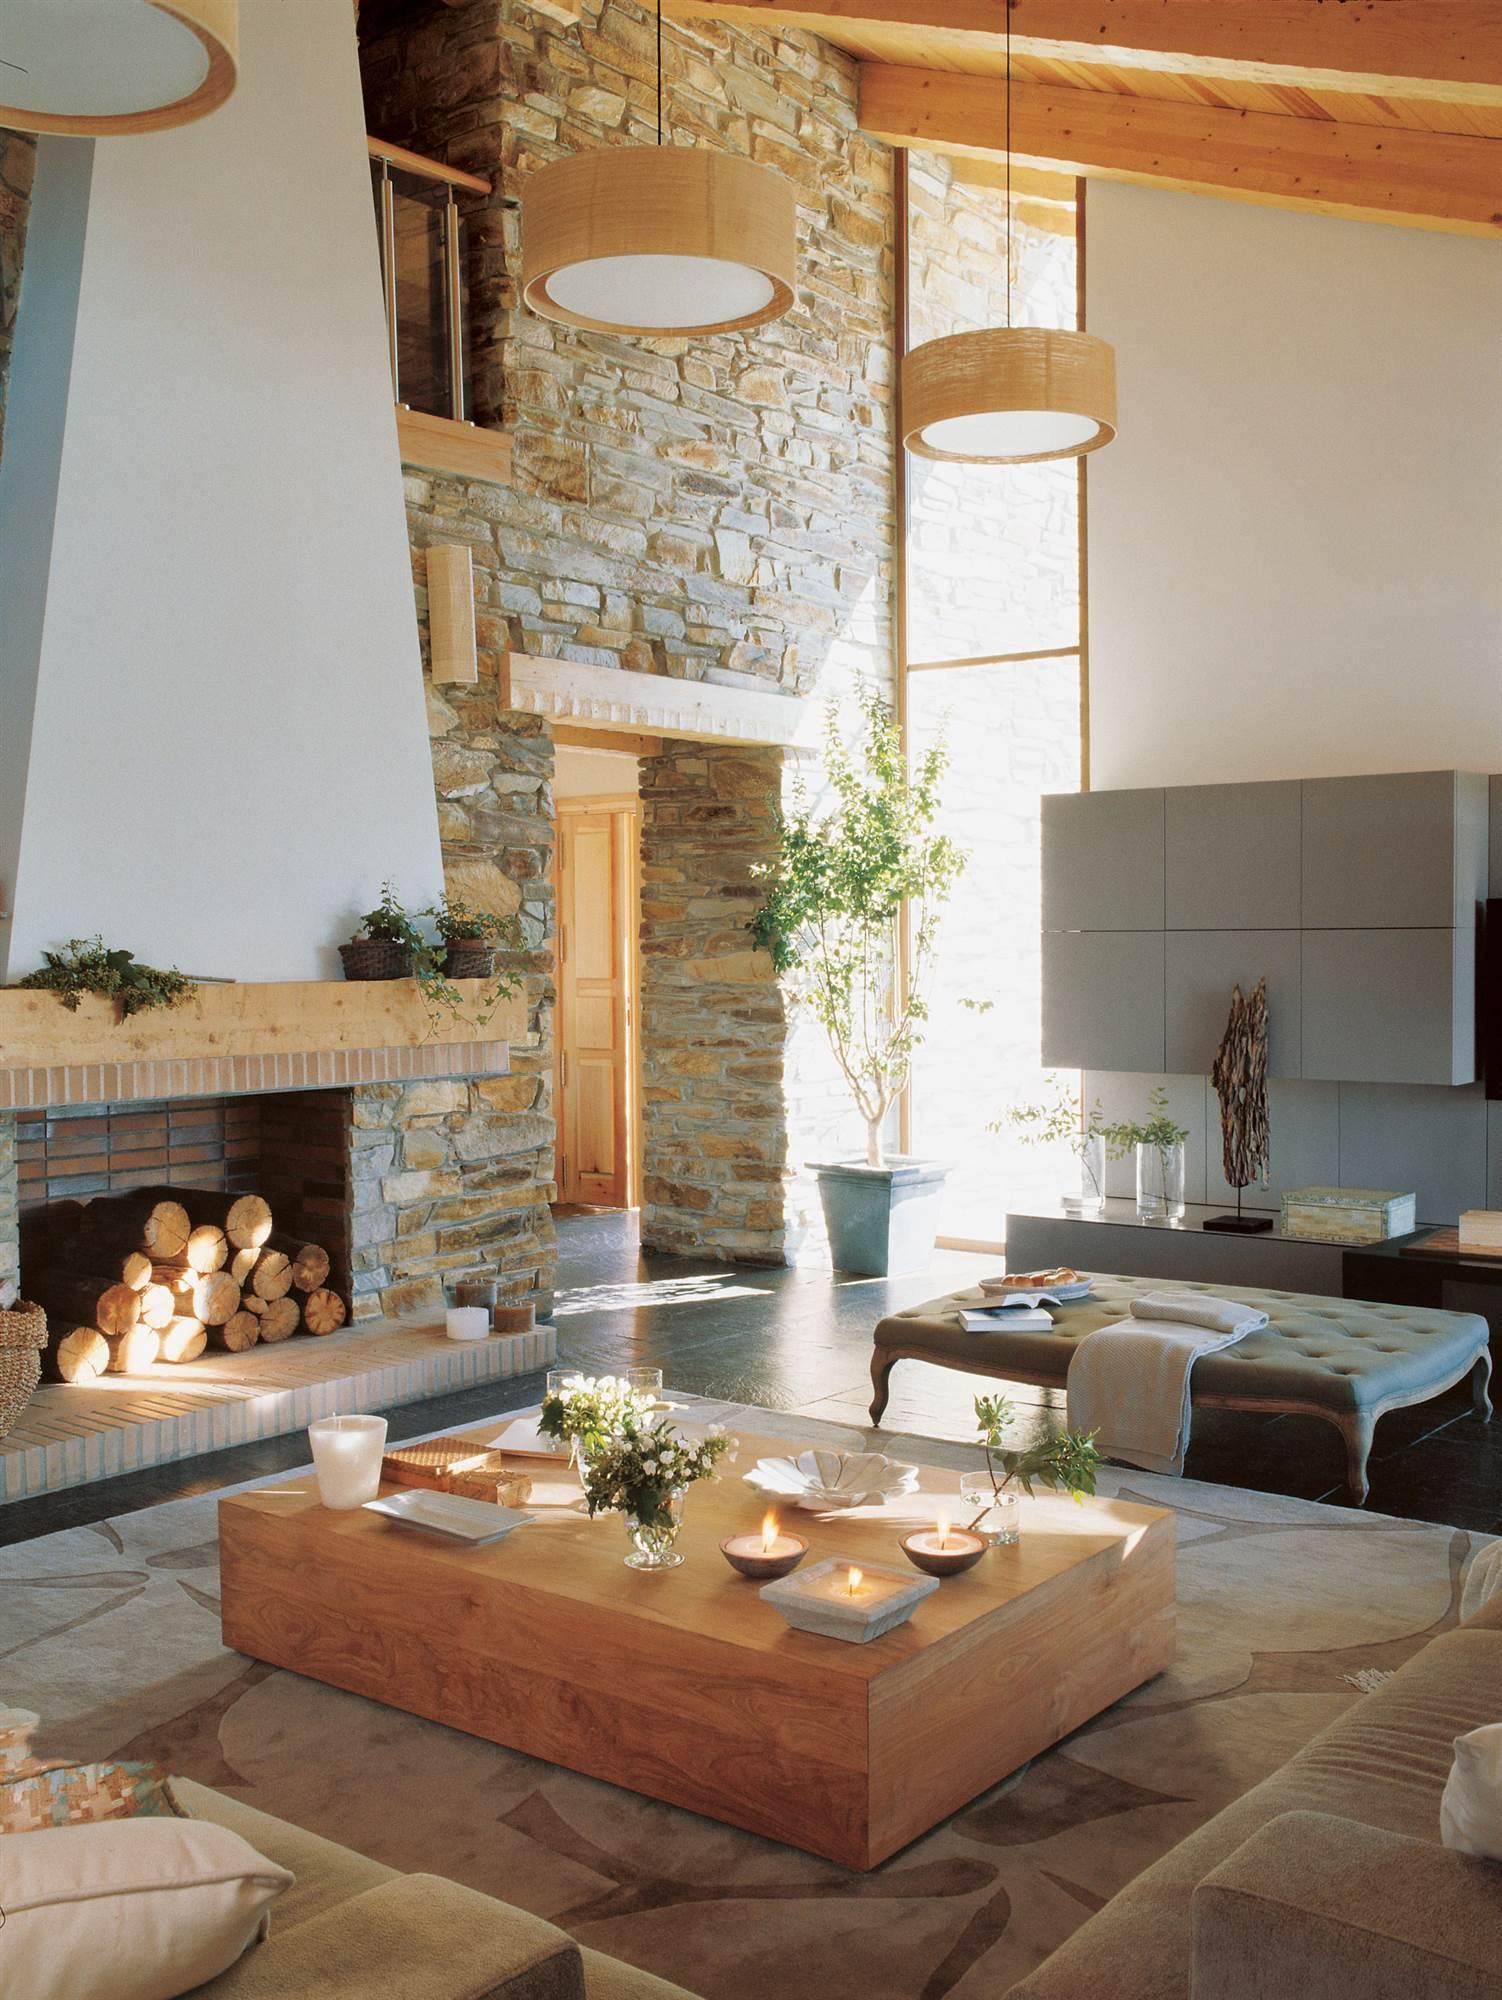 Una casa r stica con toques actuales - Paredes decoradas rusticas ...